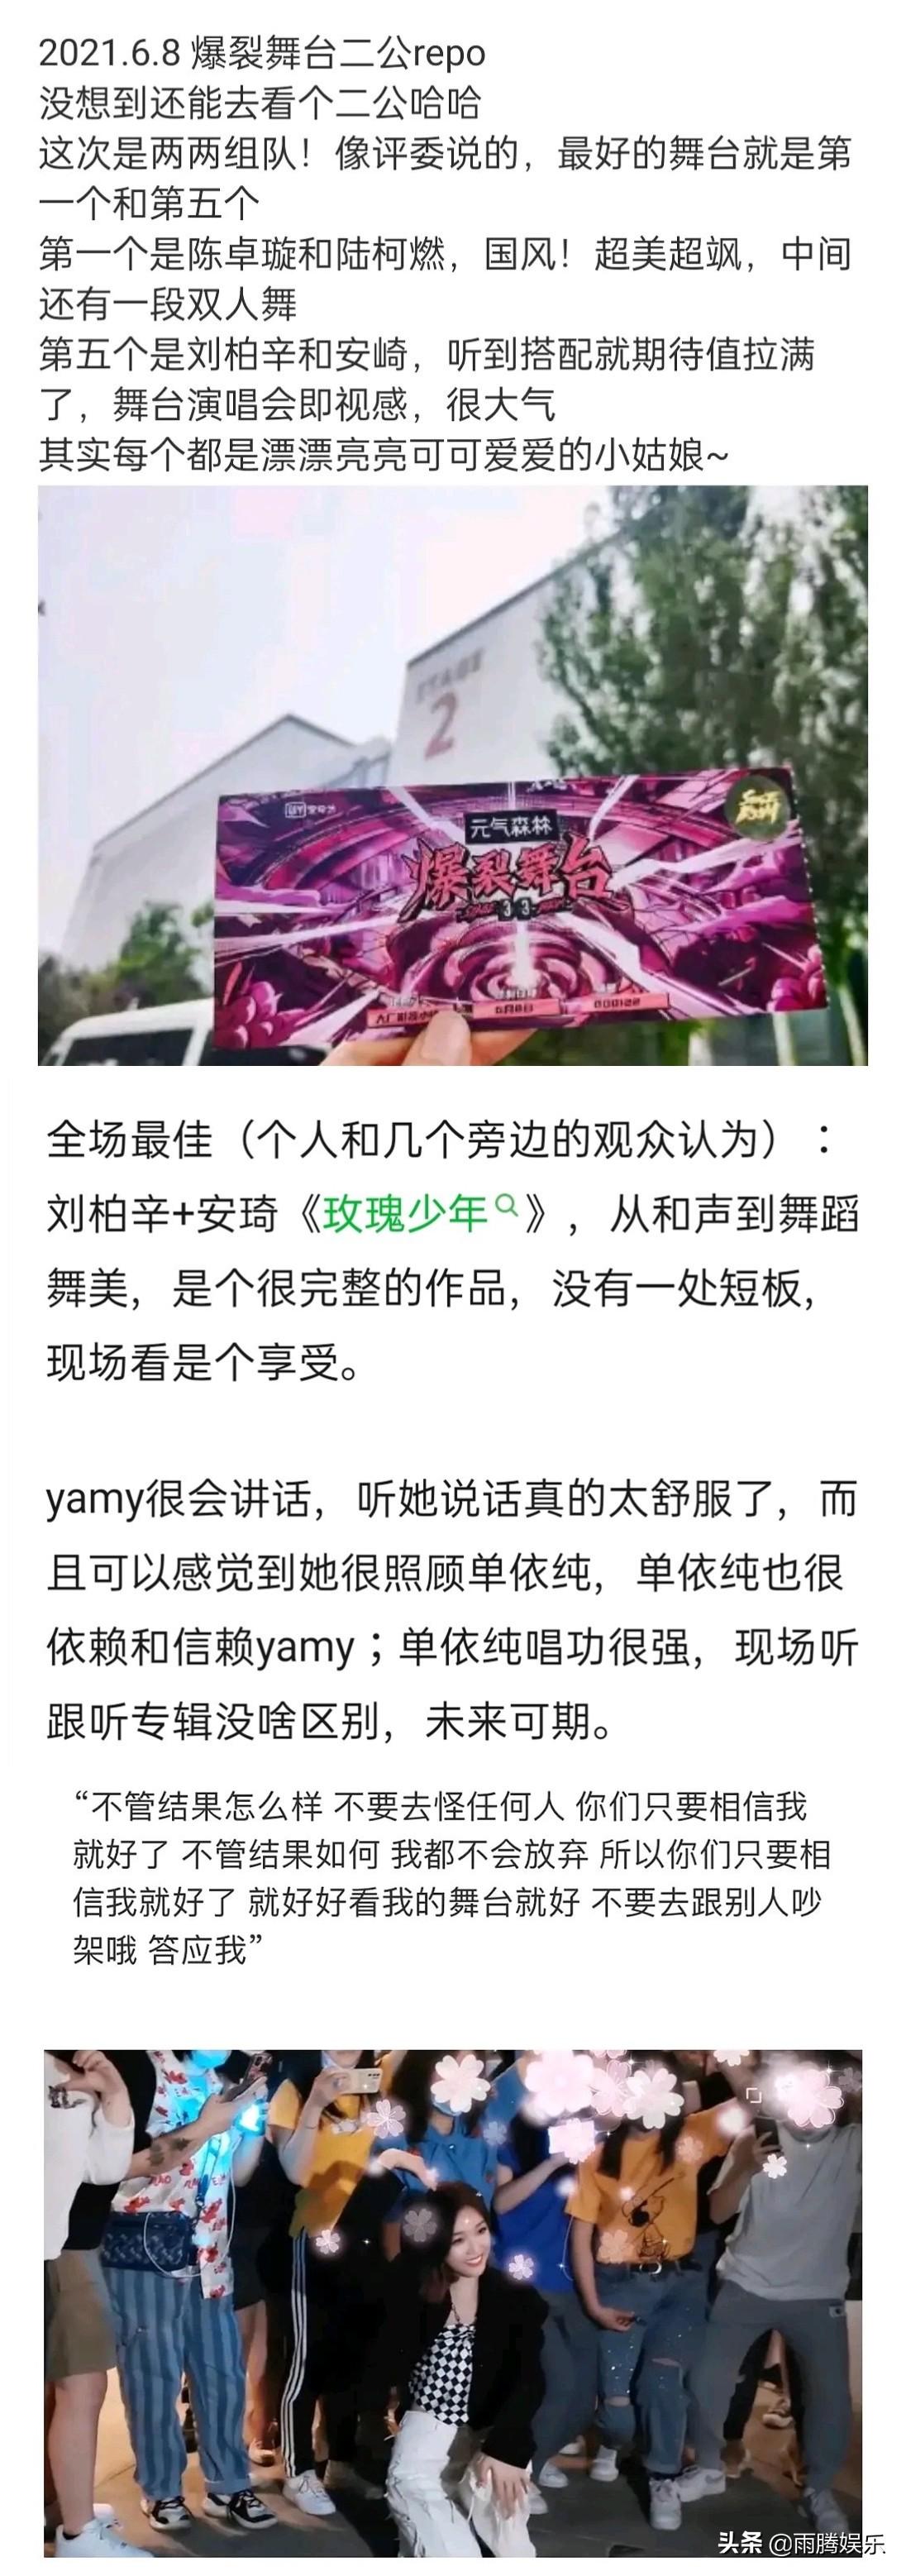 爆裂舞台二公公演,硬糖少女THE9全员晋级,吴宣仪或将遗憾淘汰